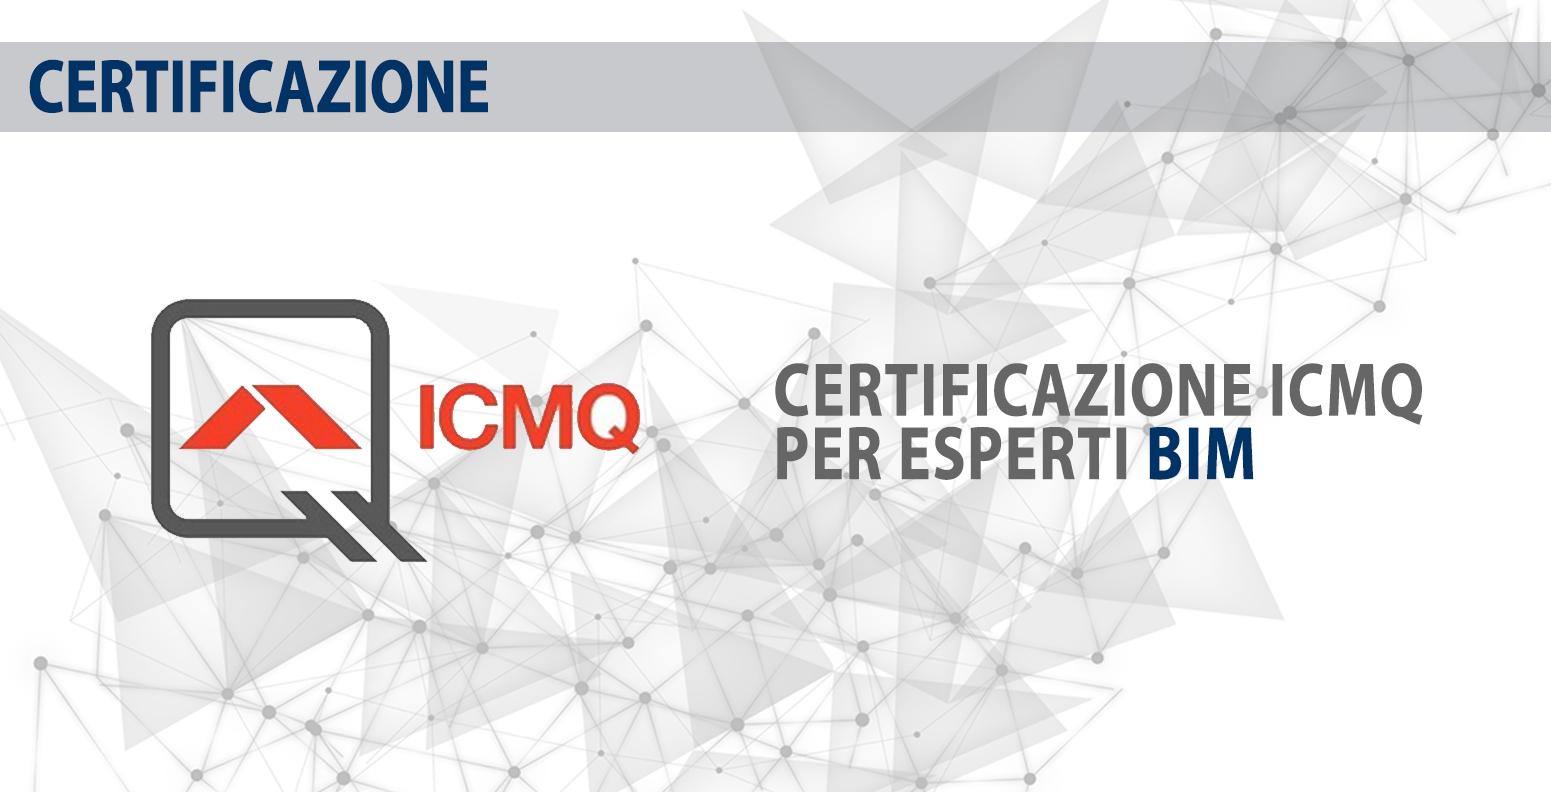 La certificazione delle figure professionali BIM secondo ICMQ